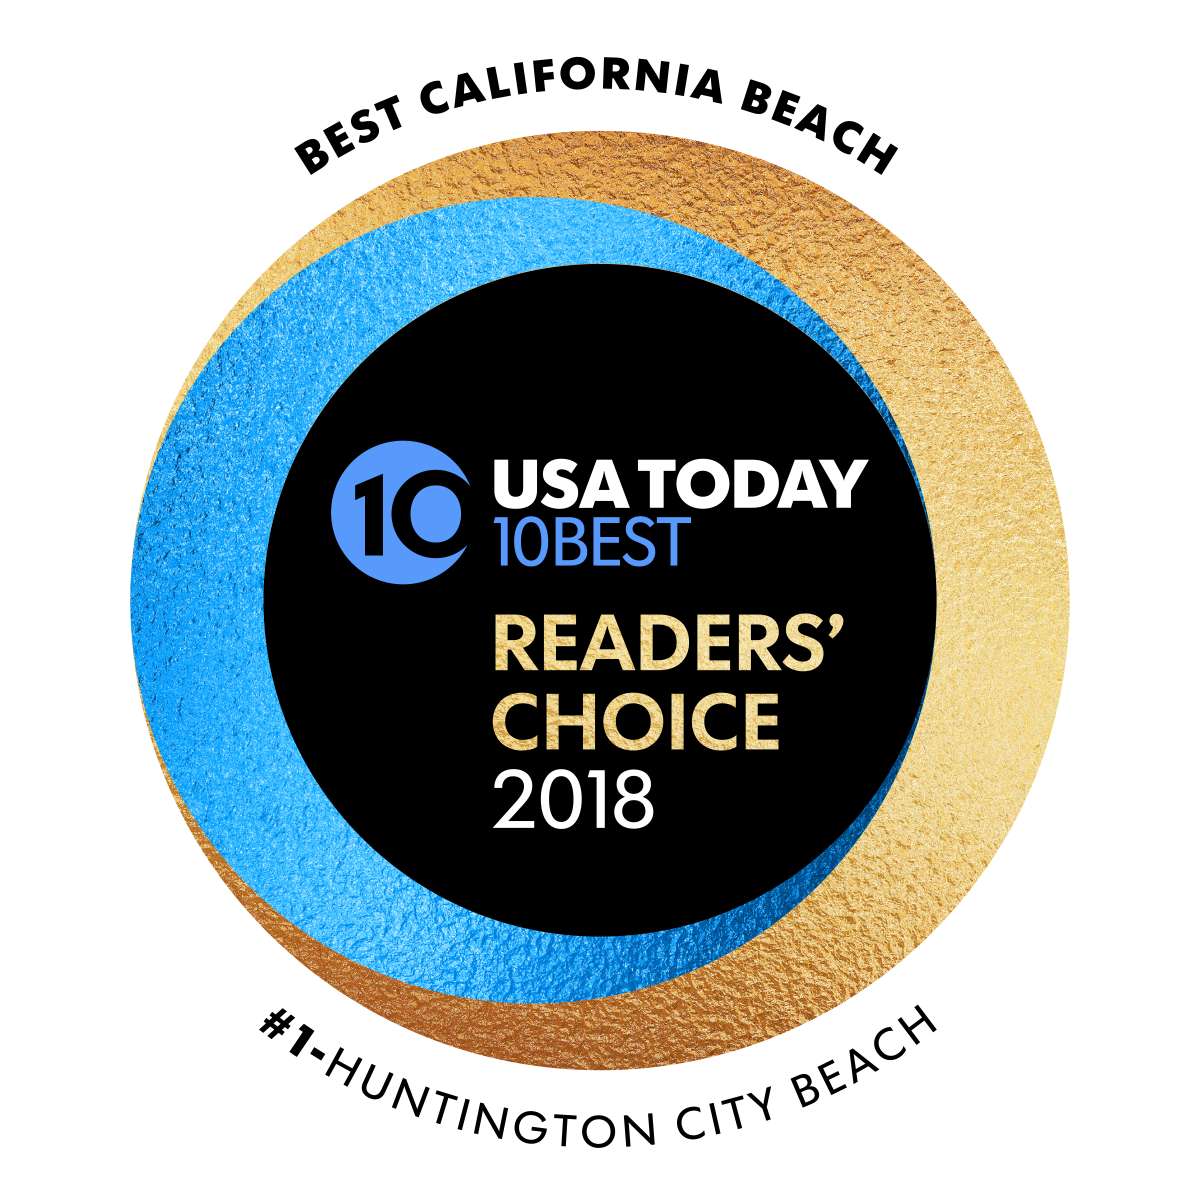 Huntington Beach Best Beach